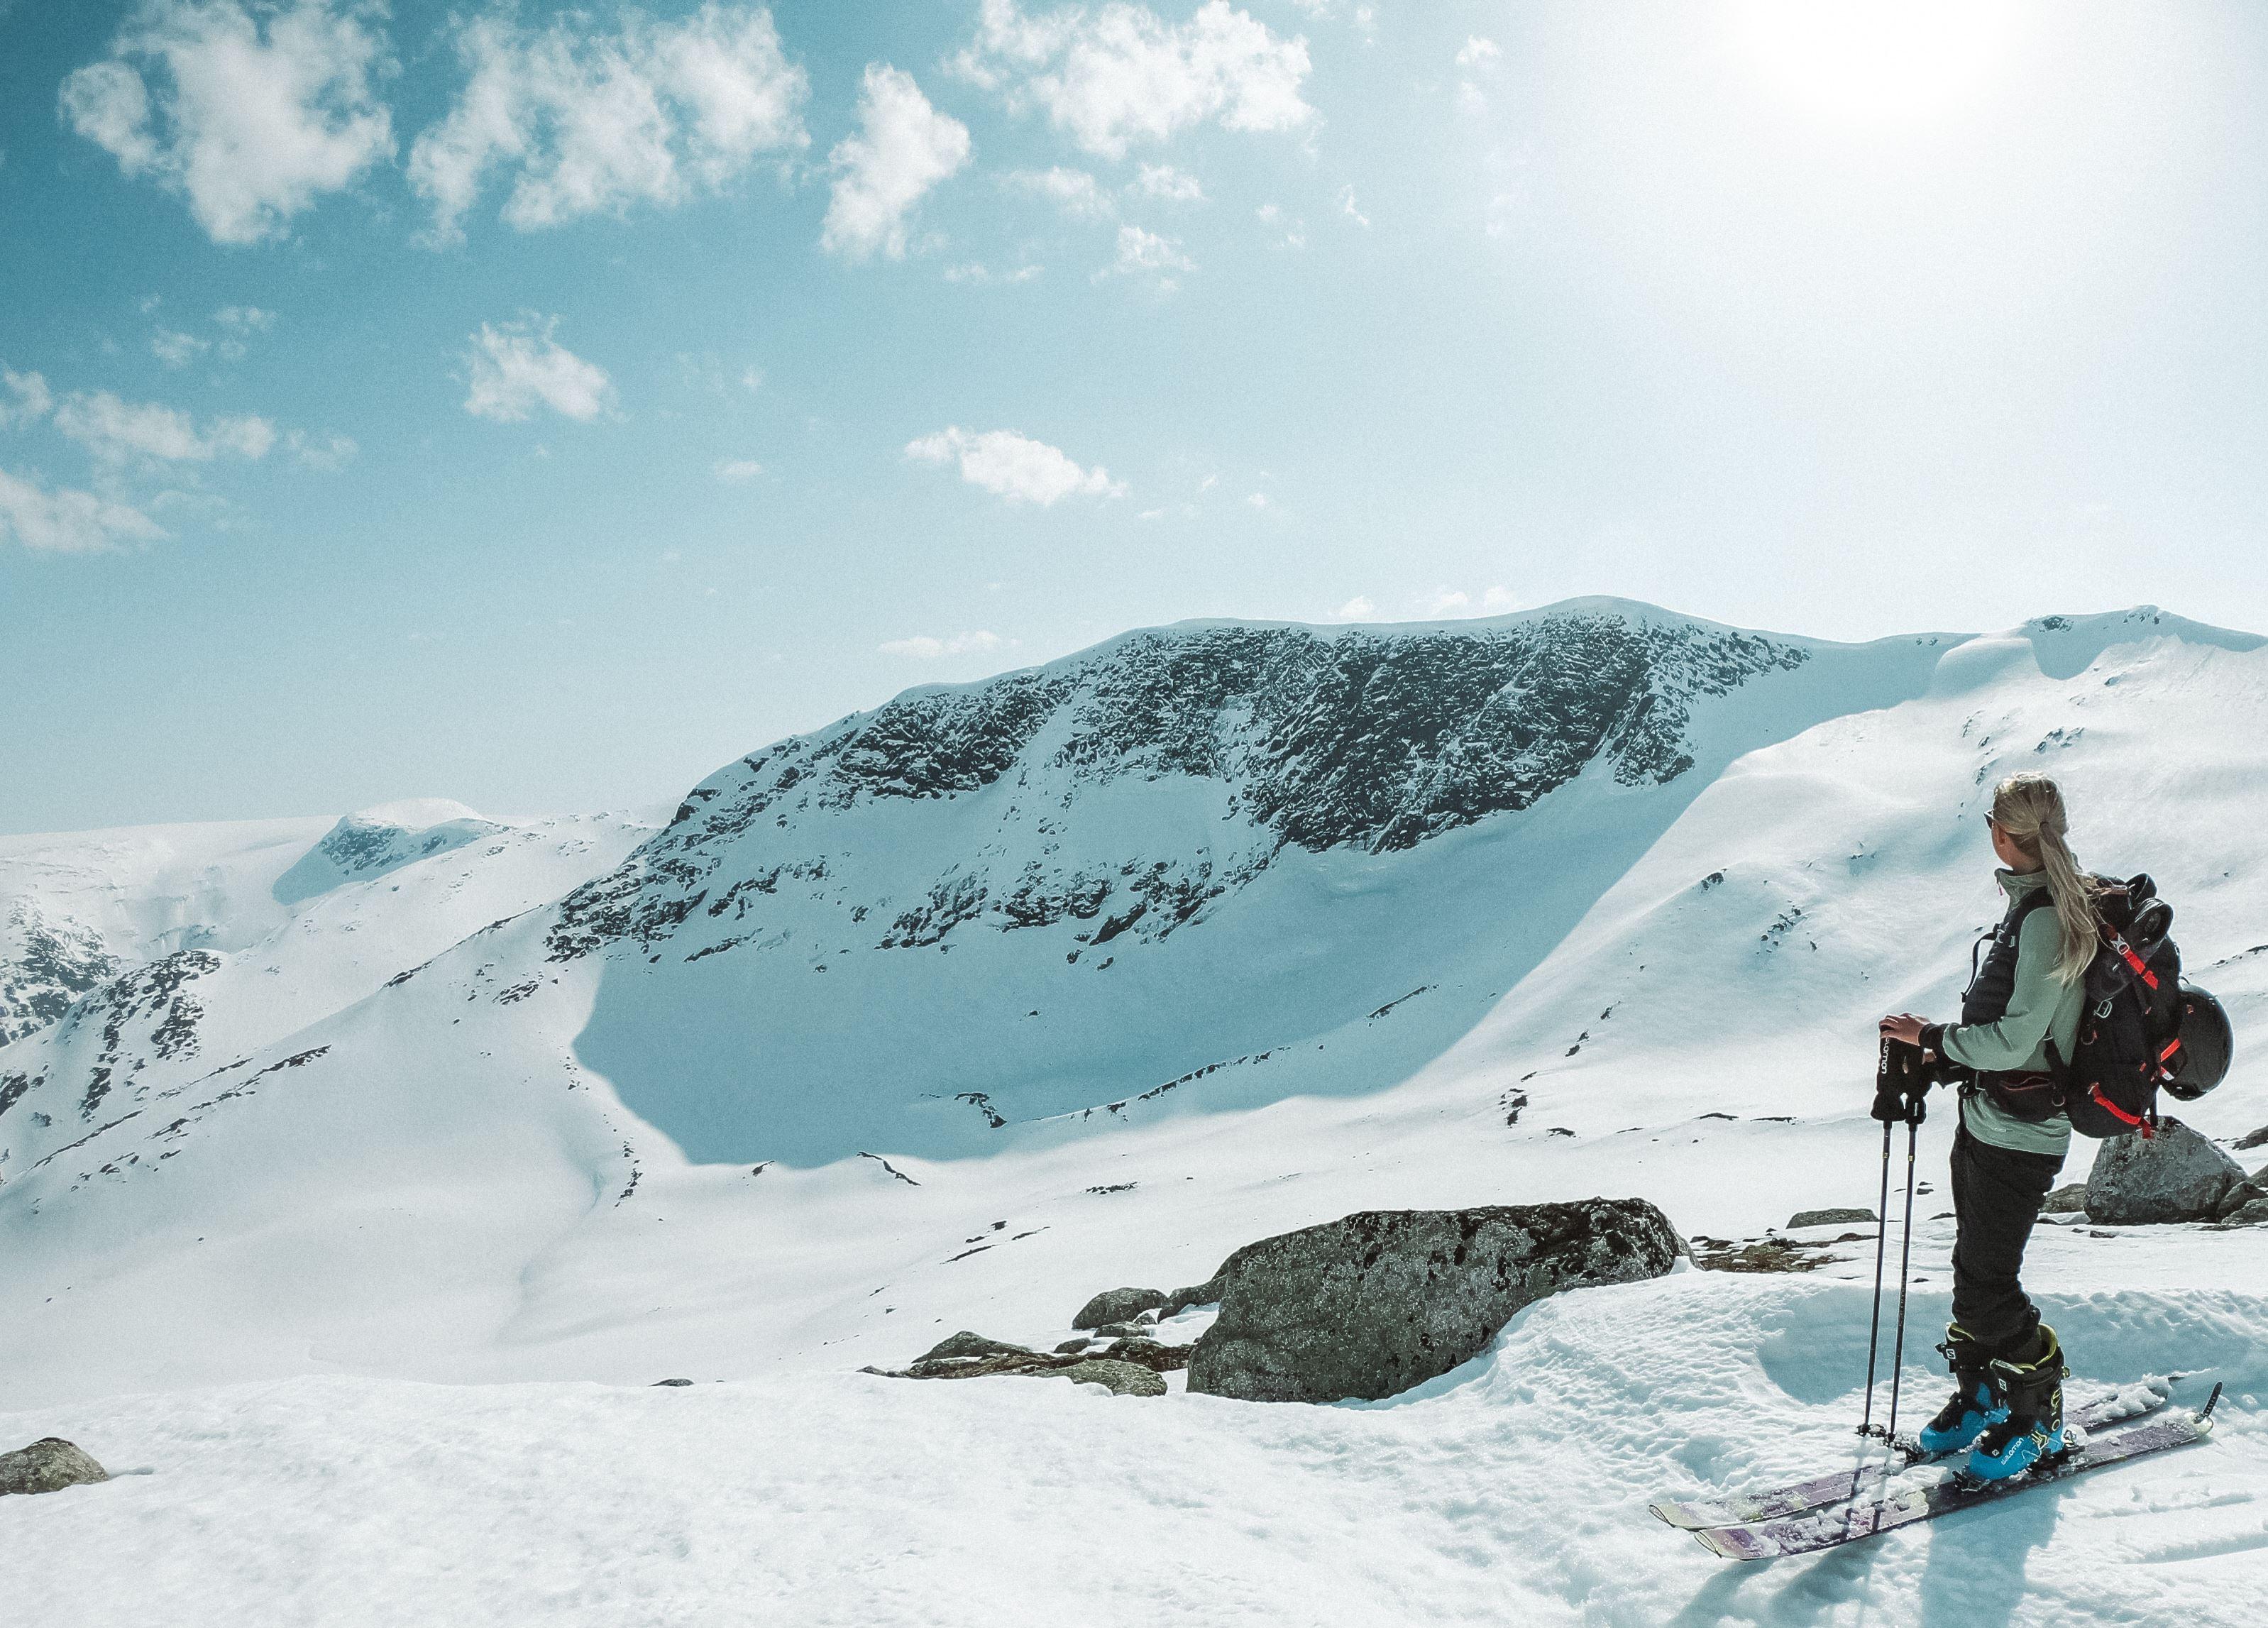 Sunnfjordruta 2019 - Vårens vakraste skieventyr